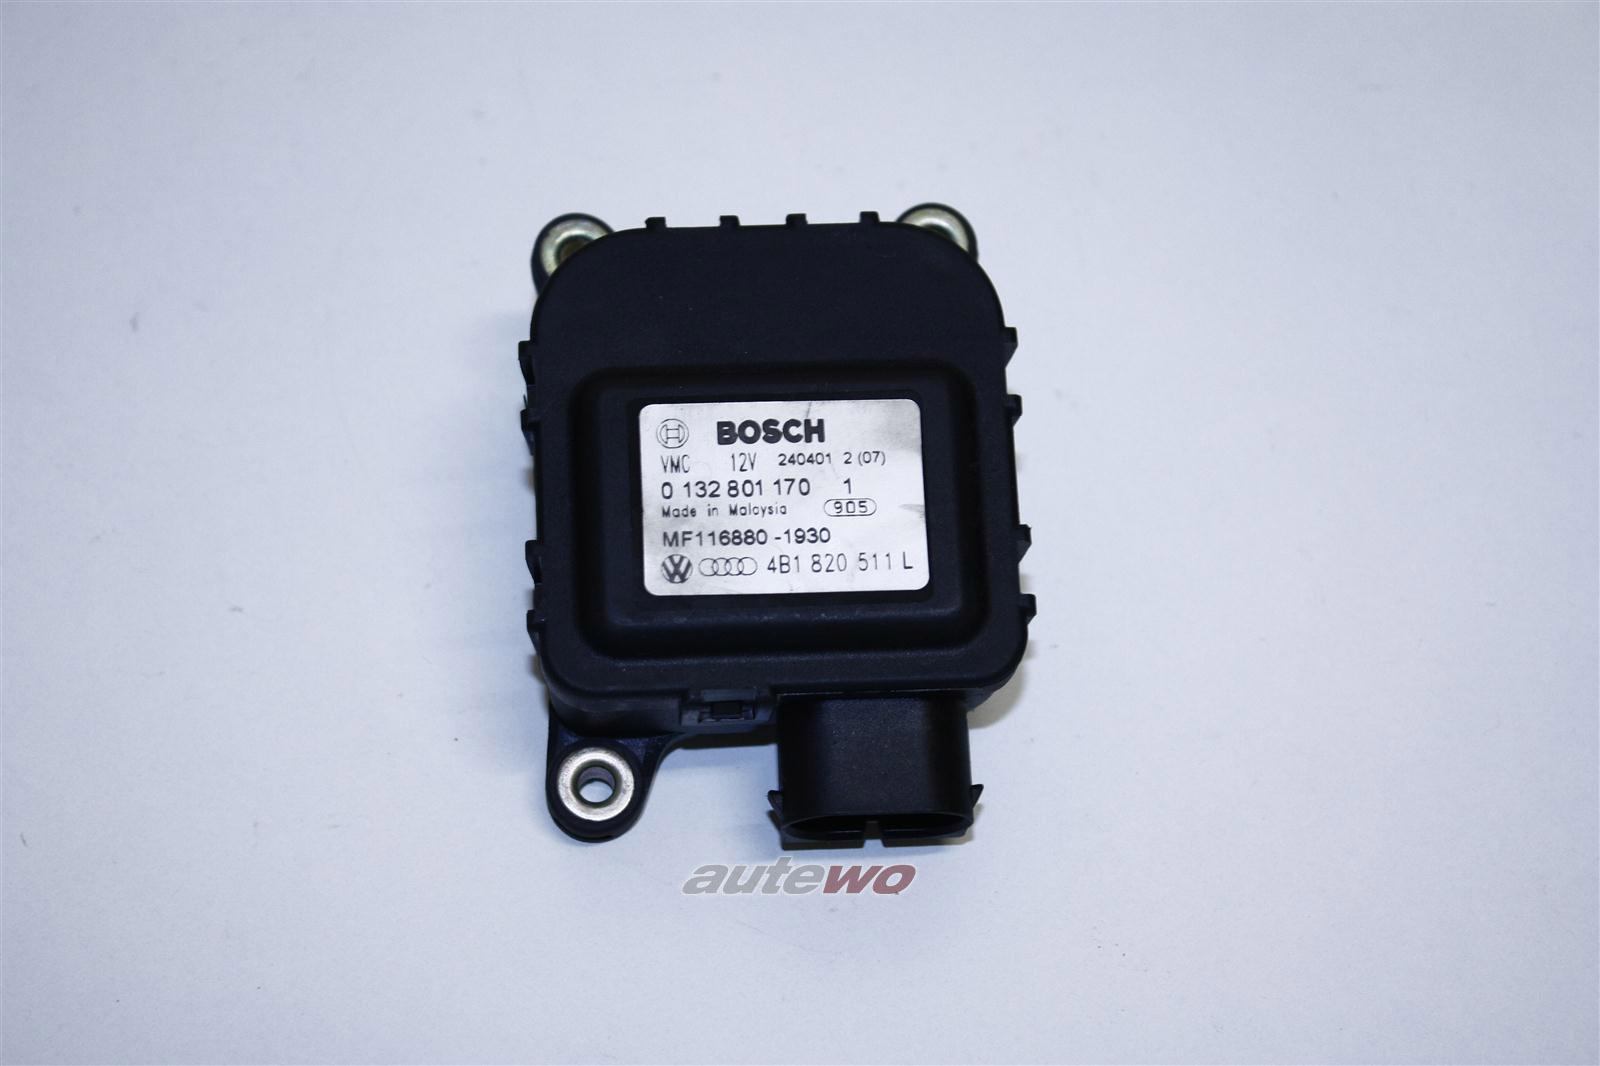 Audi A6 4B Stellmotor Klimaanlage Frischluftklappe 4B1820511L